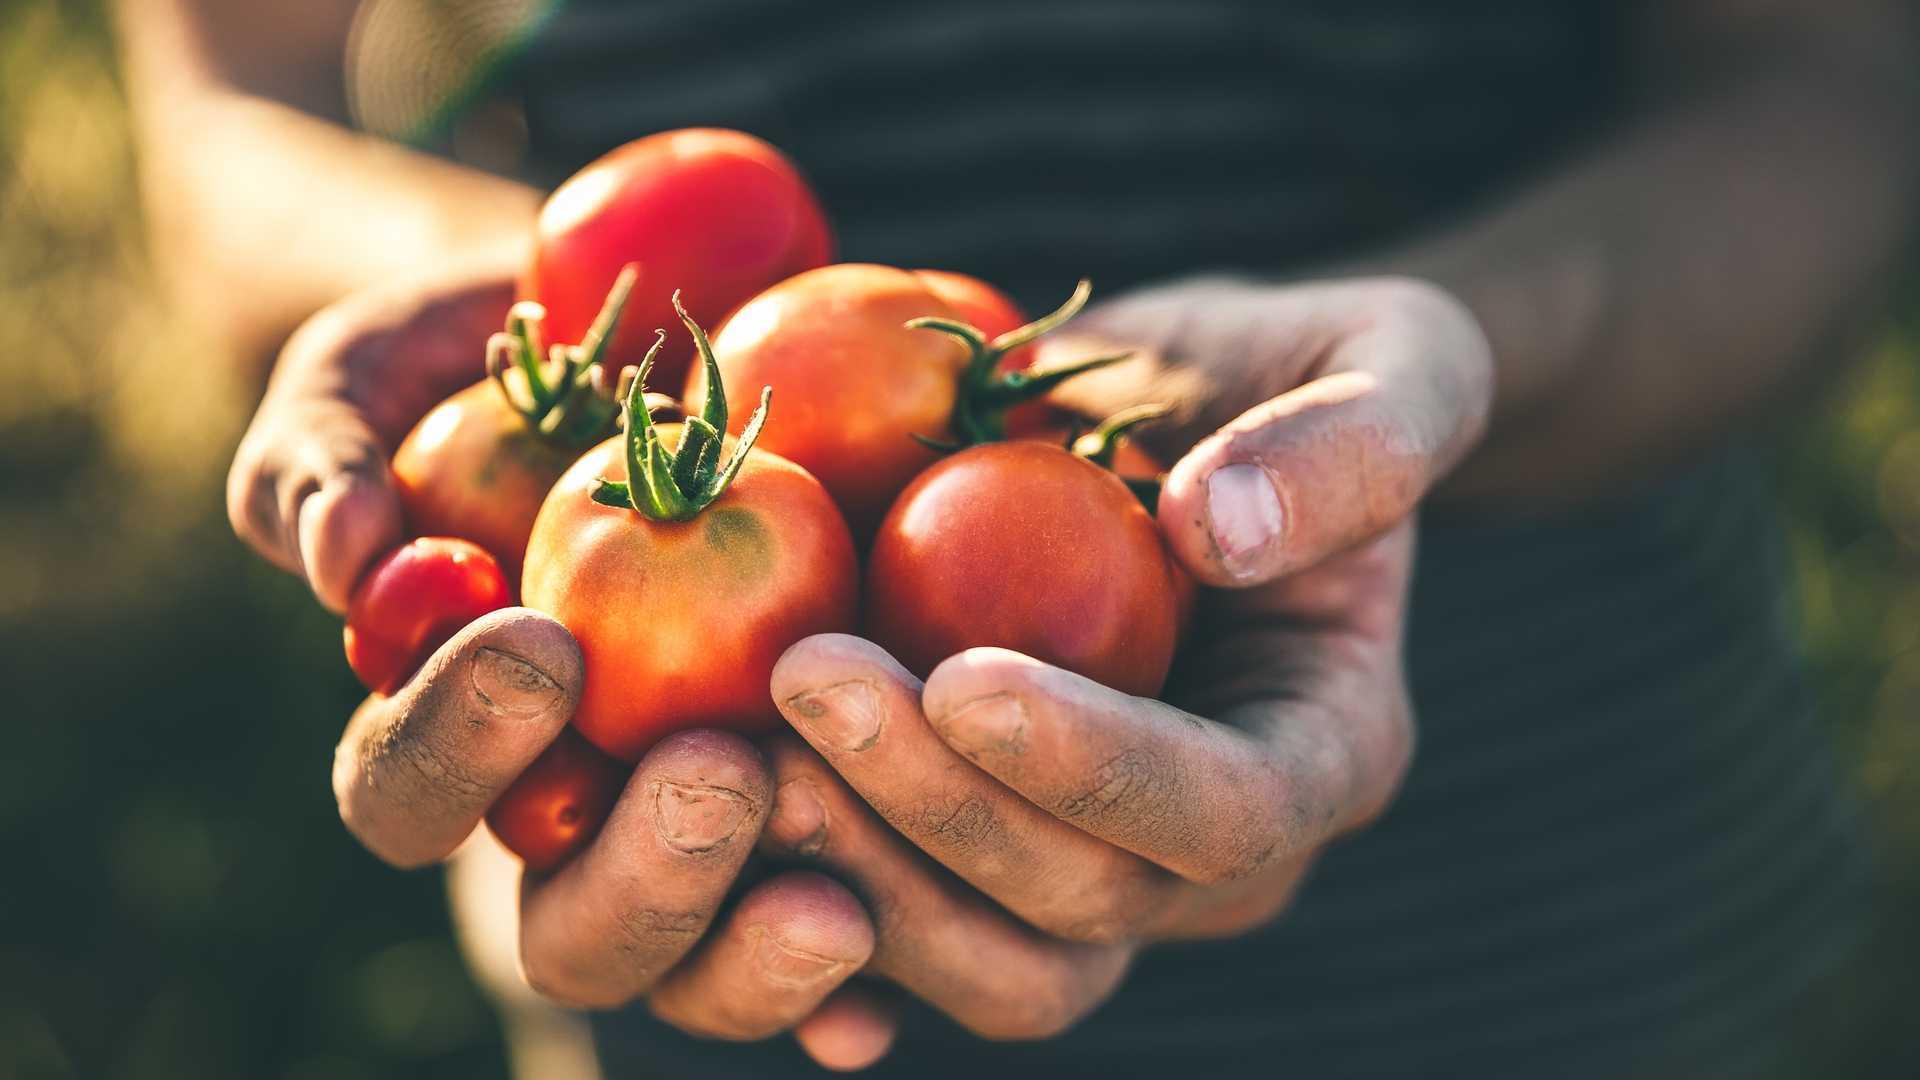 10 häufige Fehler beim Tomaten anbauen!